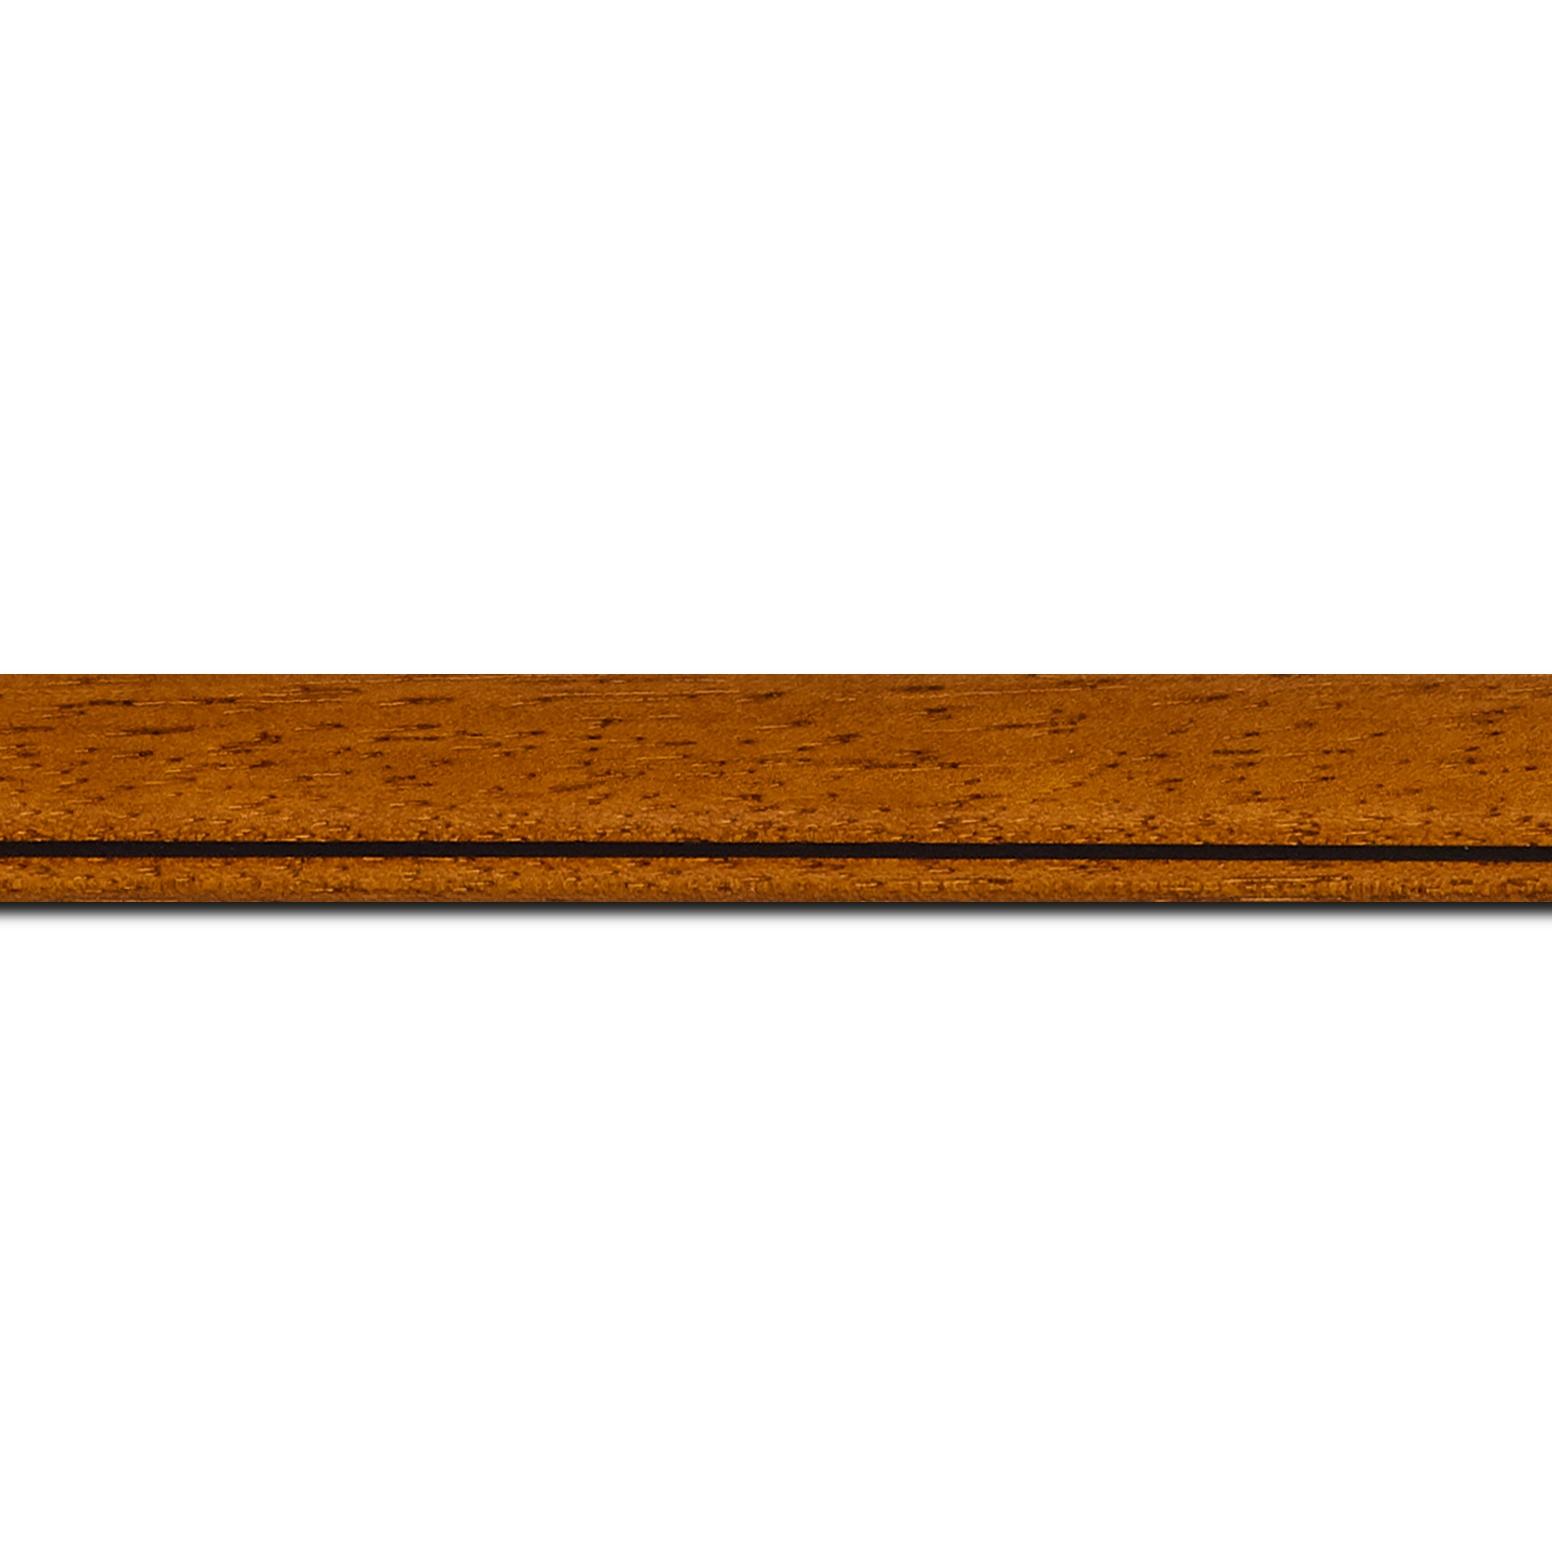 Baguette longueur 1.40m bois profil bombé largeur 2.4cm couleur marron ton bois satiné filet noir